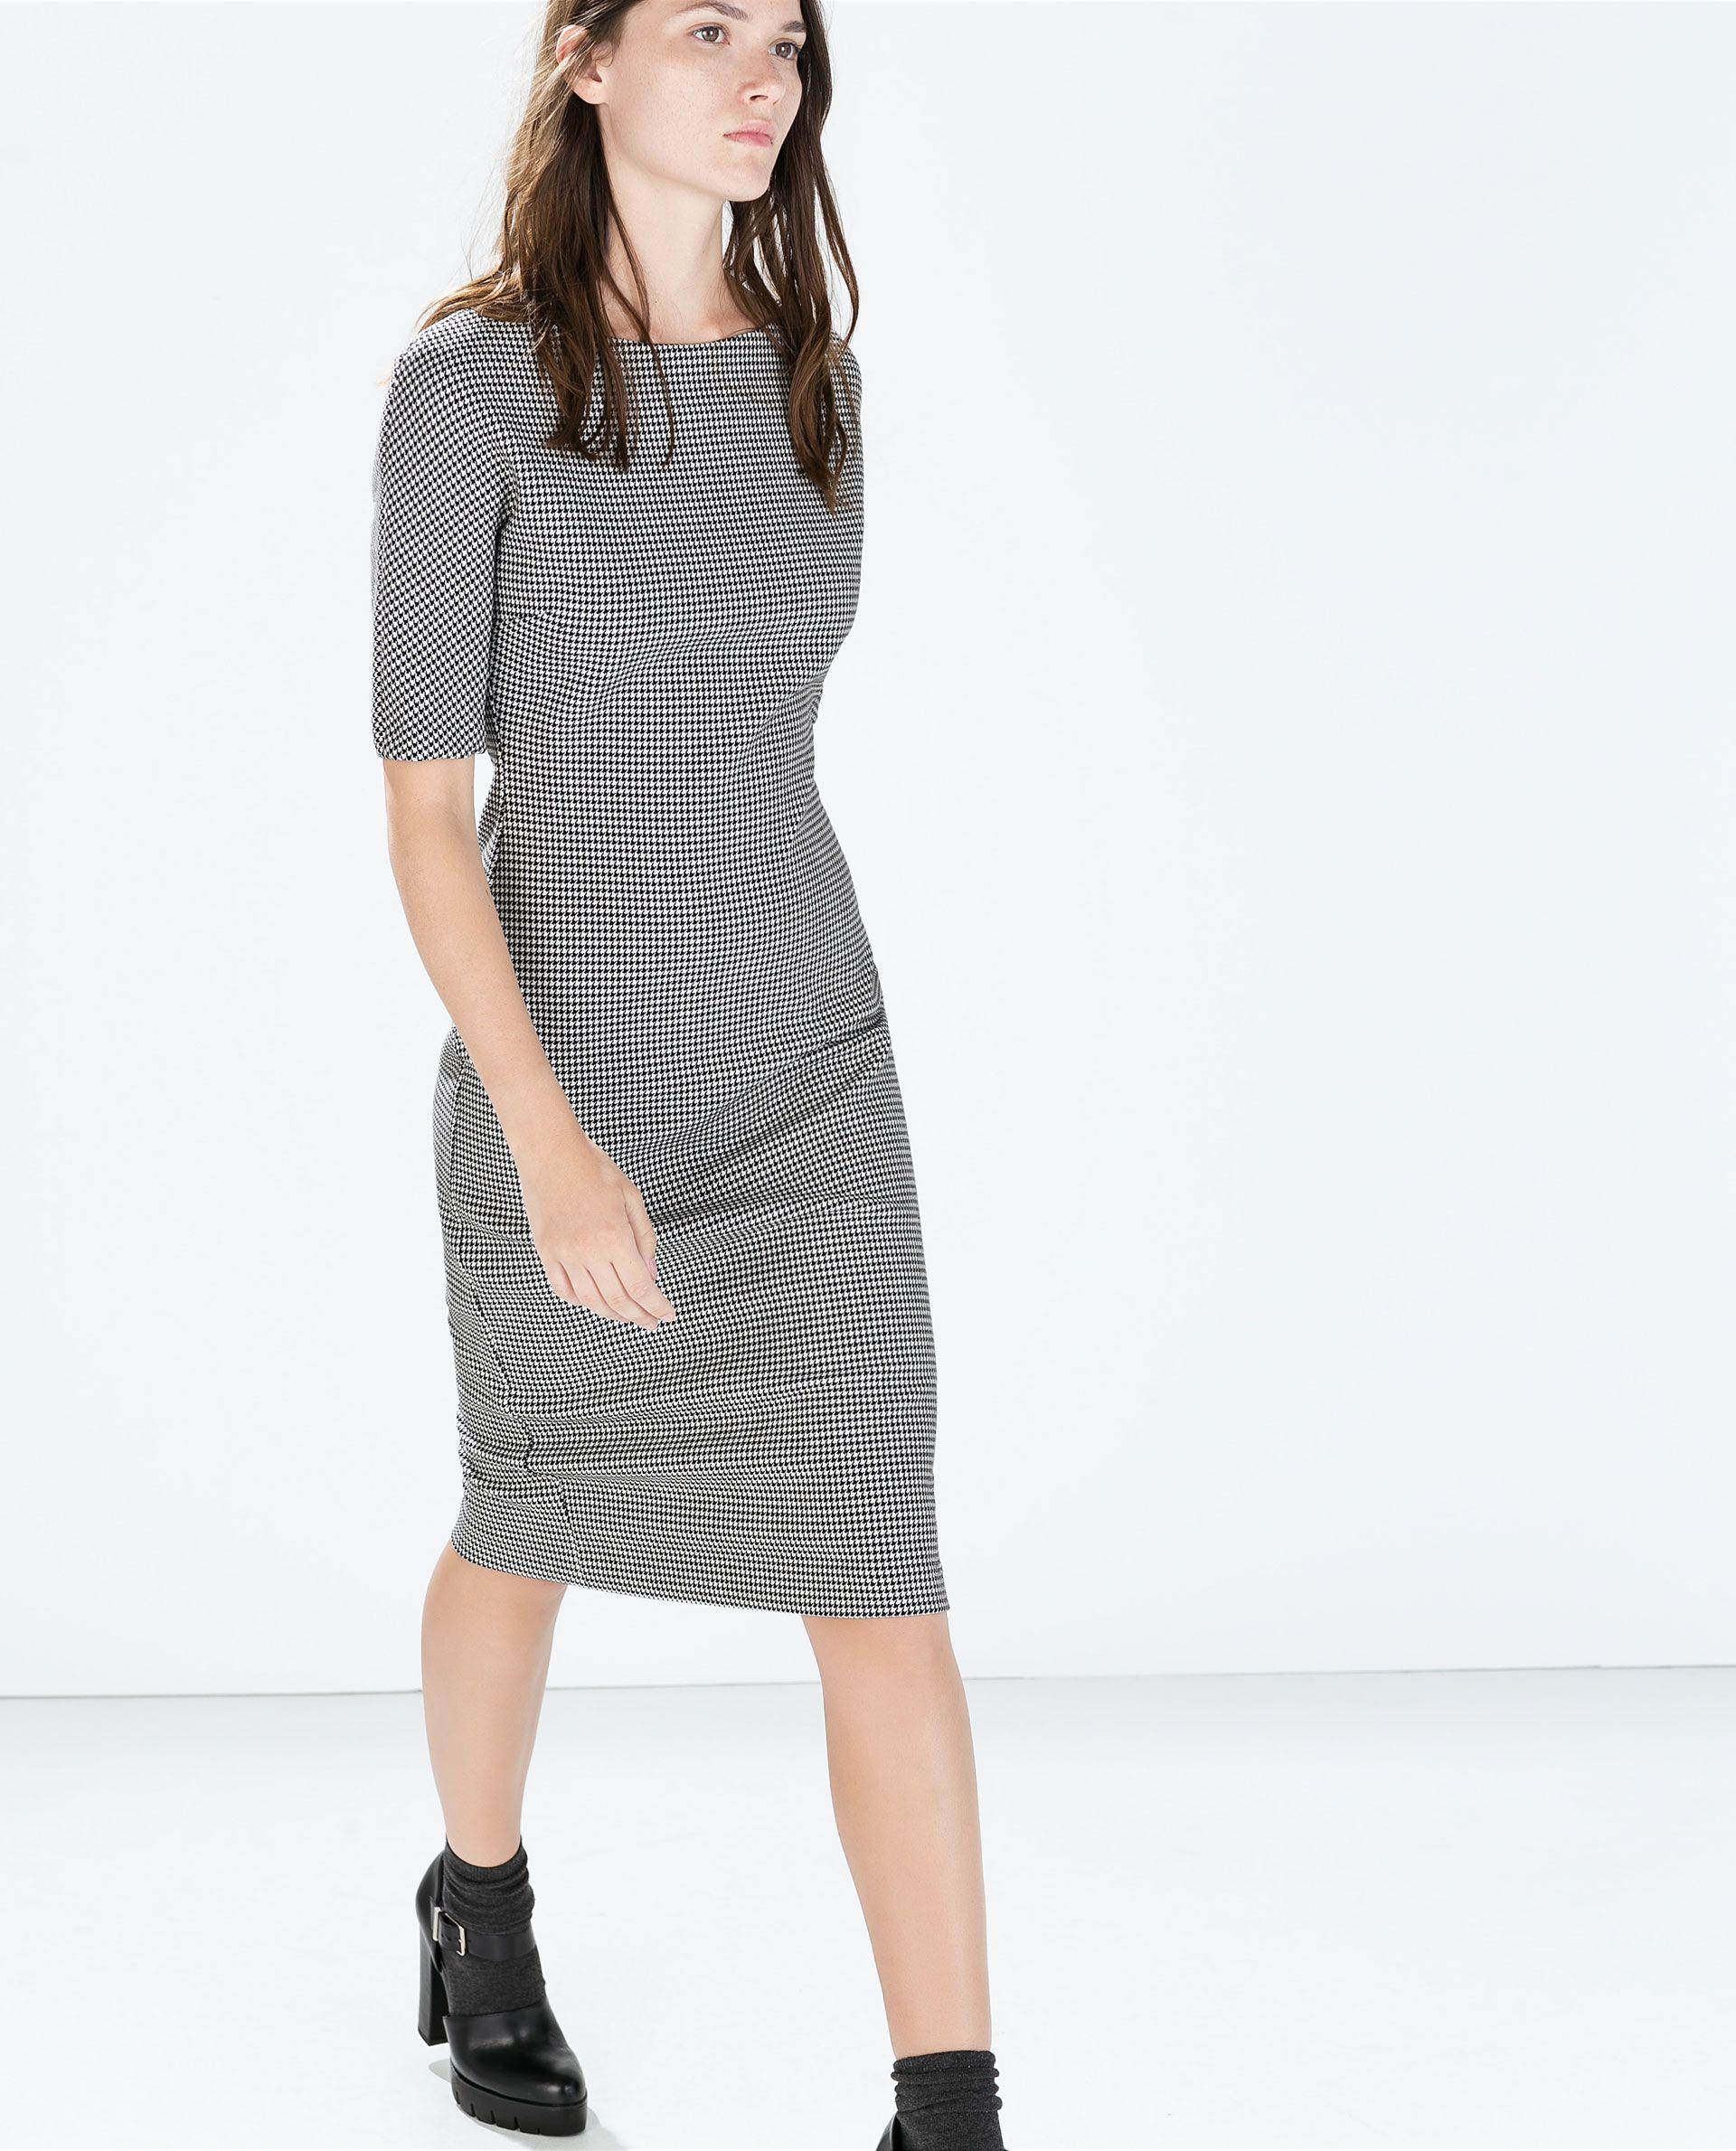 52d0172f PRINTED BOAT NECK DRESS from Zara | clothing | Pinterest | Kleren ...